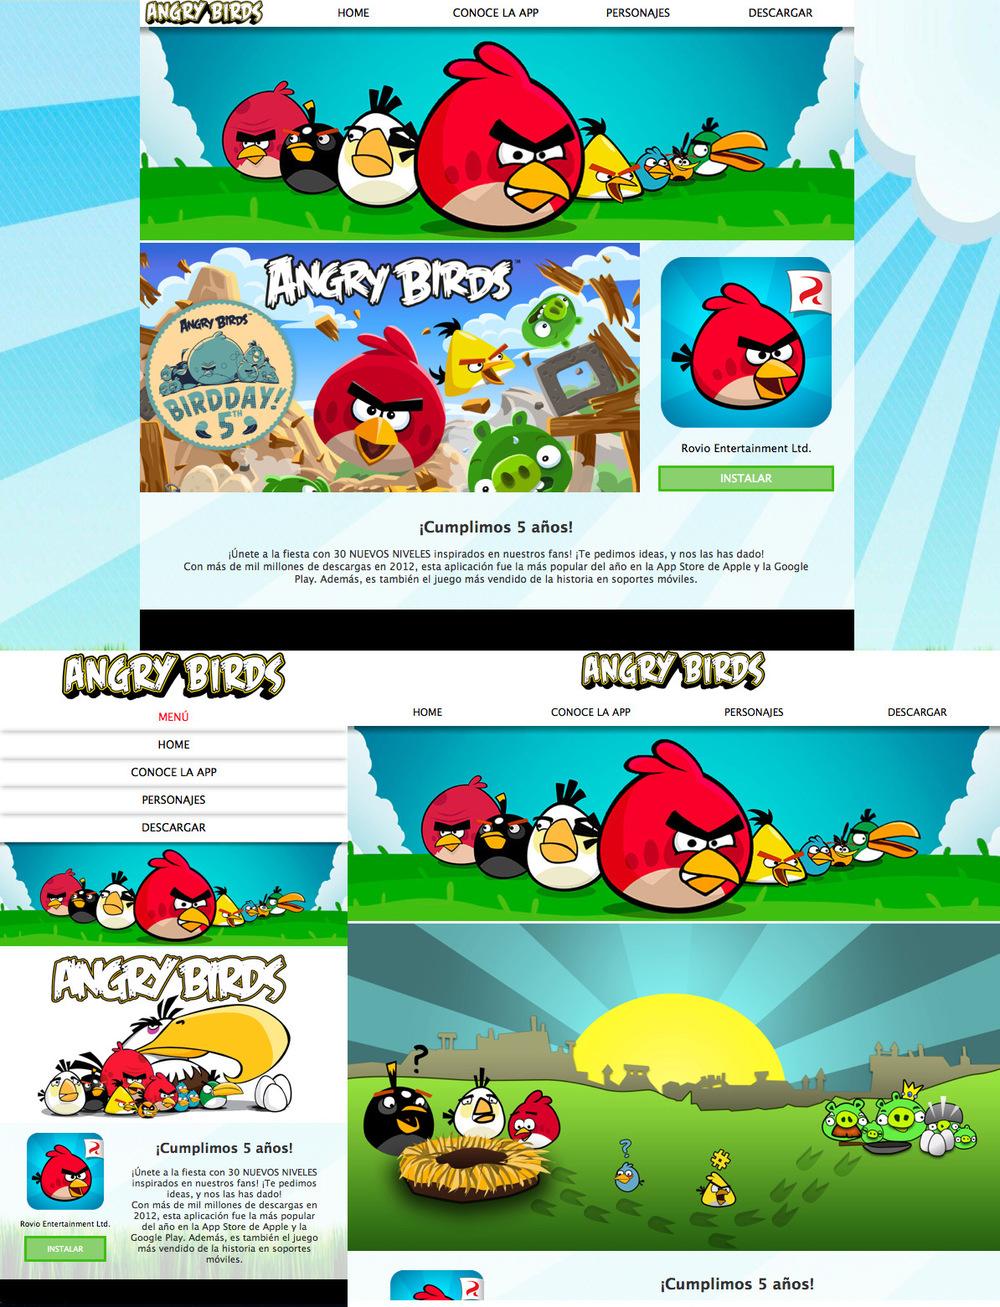 Portfolio Mónica Gil - Página Web no oficial de la aplicación Angry Birds con diseño responsive, creada con HTML5 y CSS3 a través de Dreamweaver. Esta página se adapta a todos los dispositivos. http://monicagilgraphics.com/angrybirds